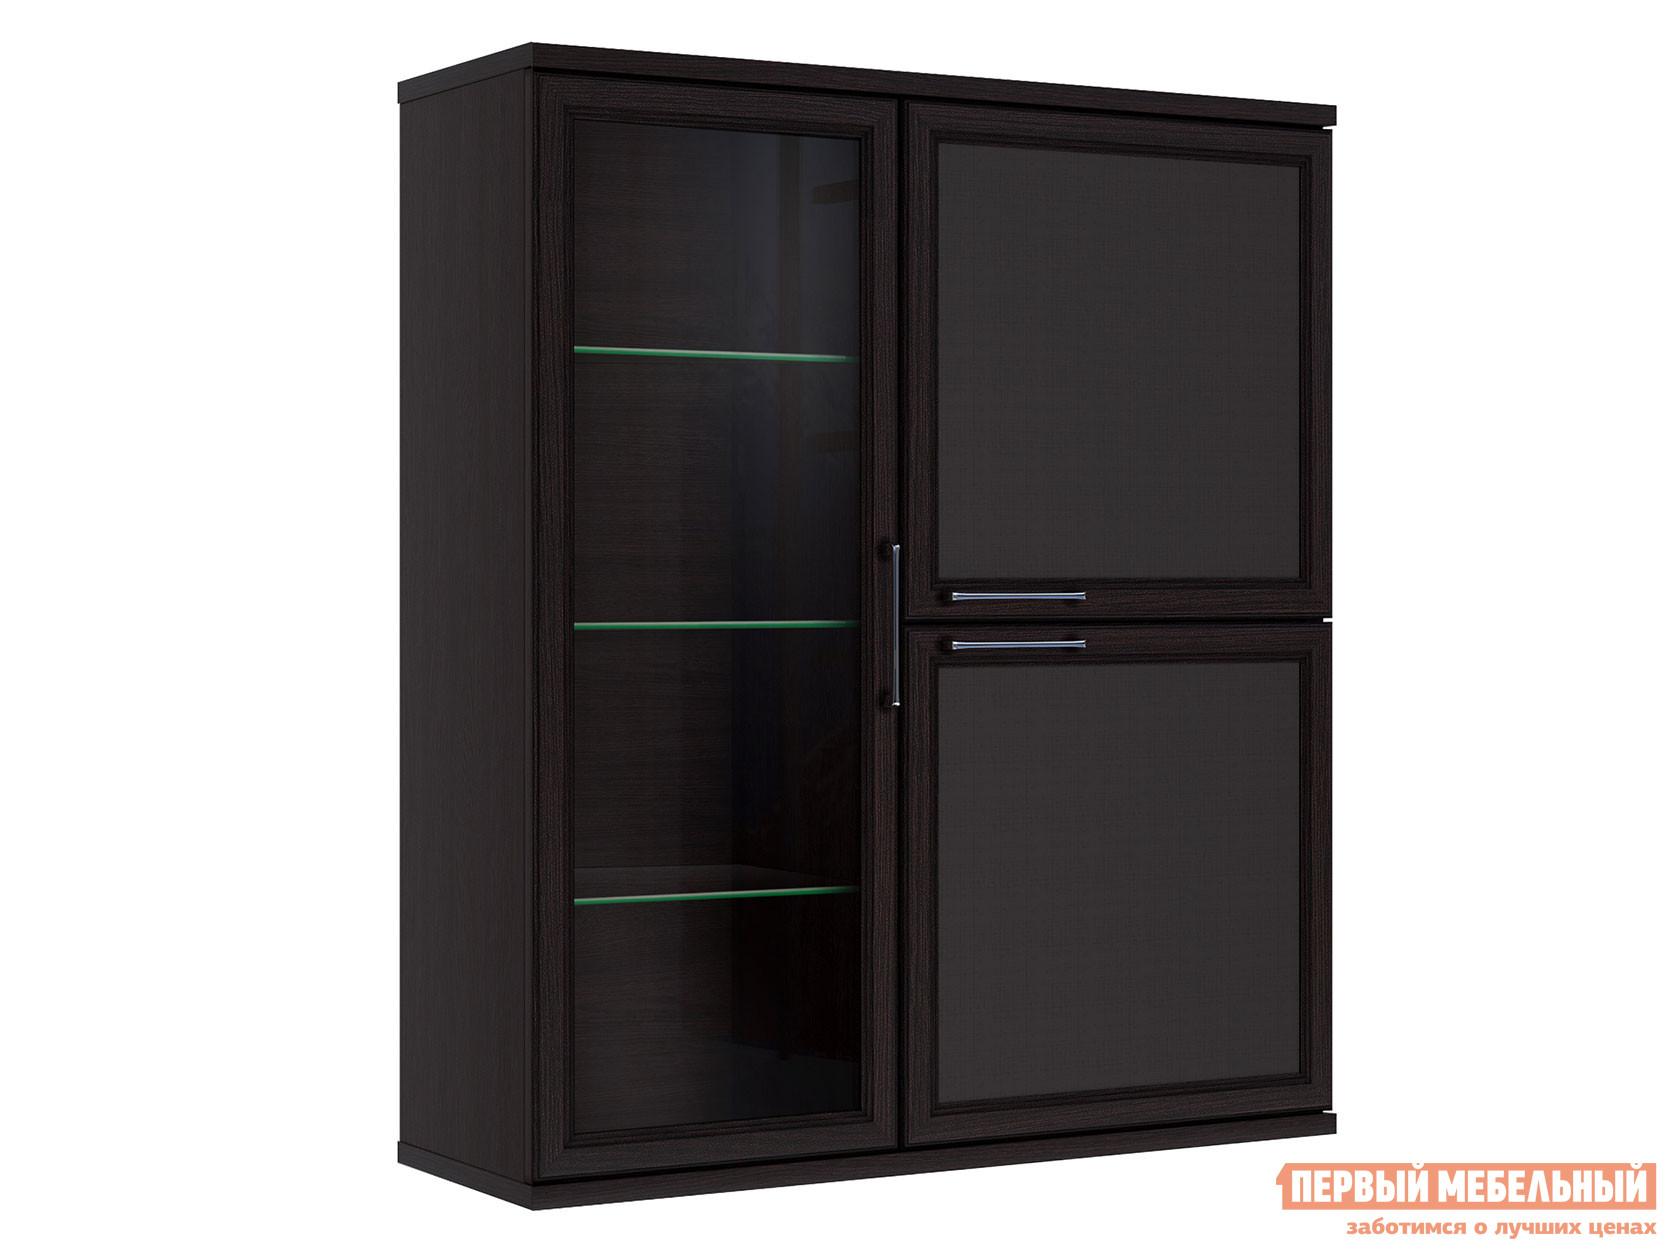 Навесной шкаф-витрина Первый Мебельный Полка 3 дверная (1 стеклодверь) Палермо шкаф 1 стеклодверь и ящик прато